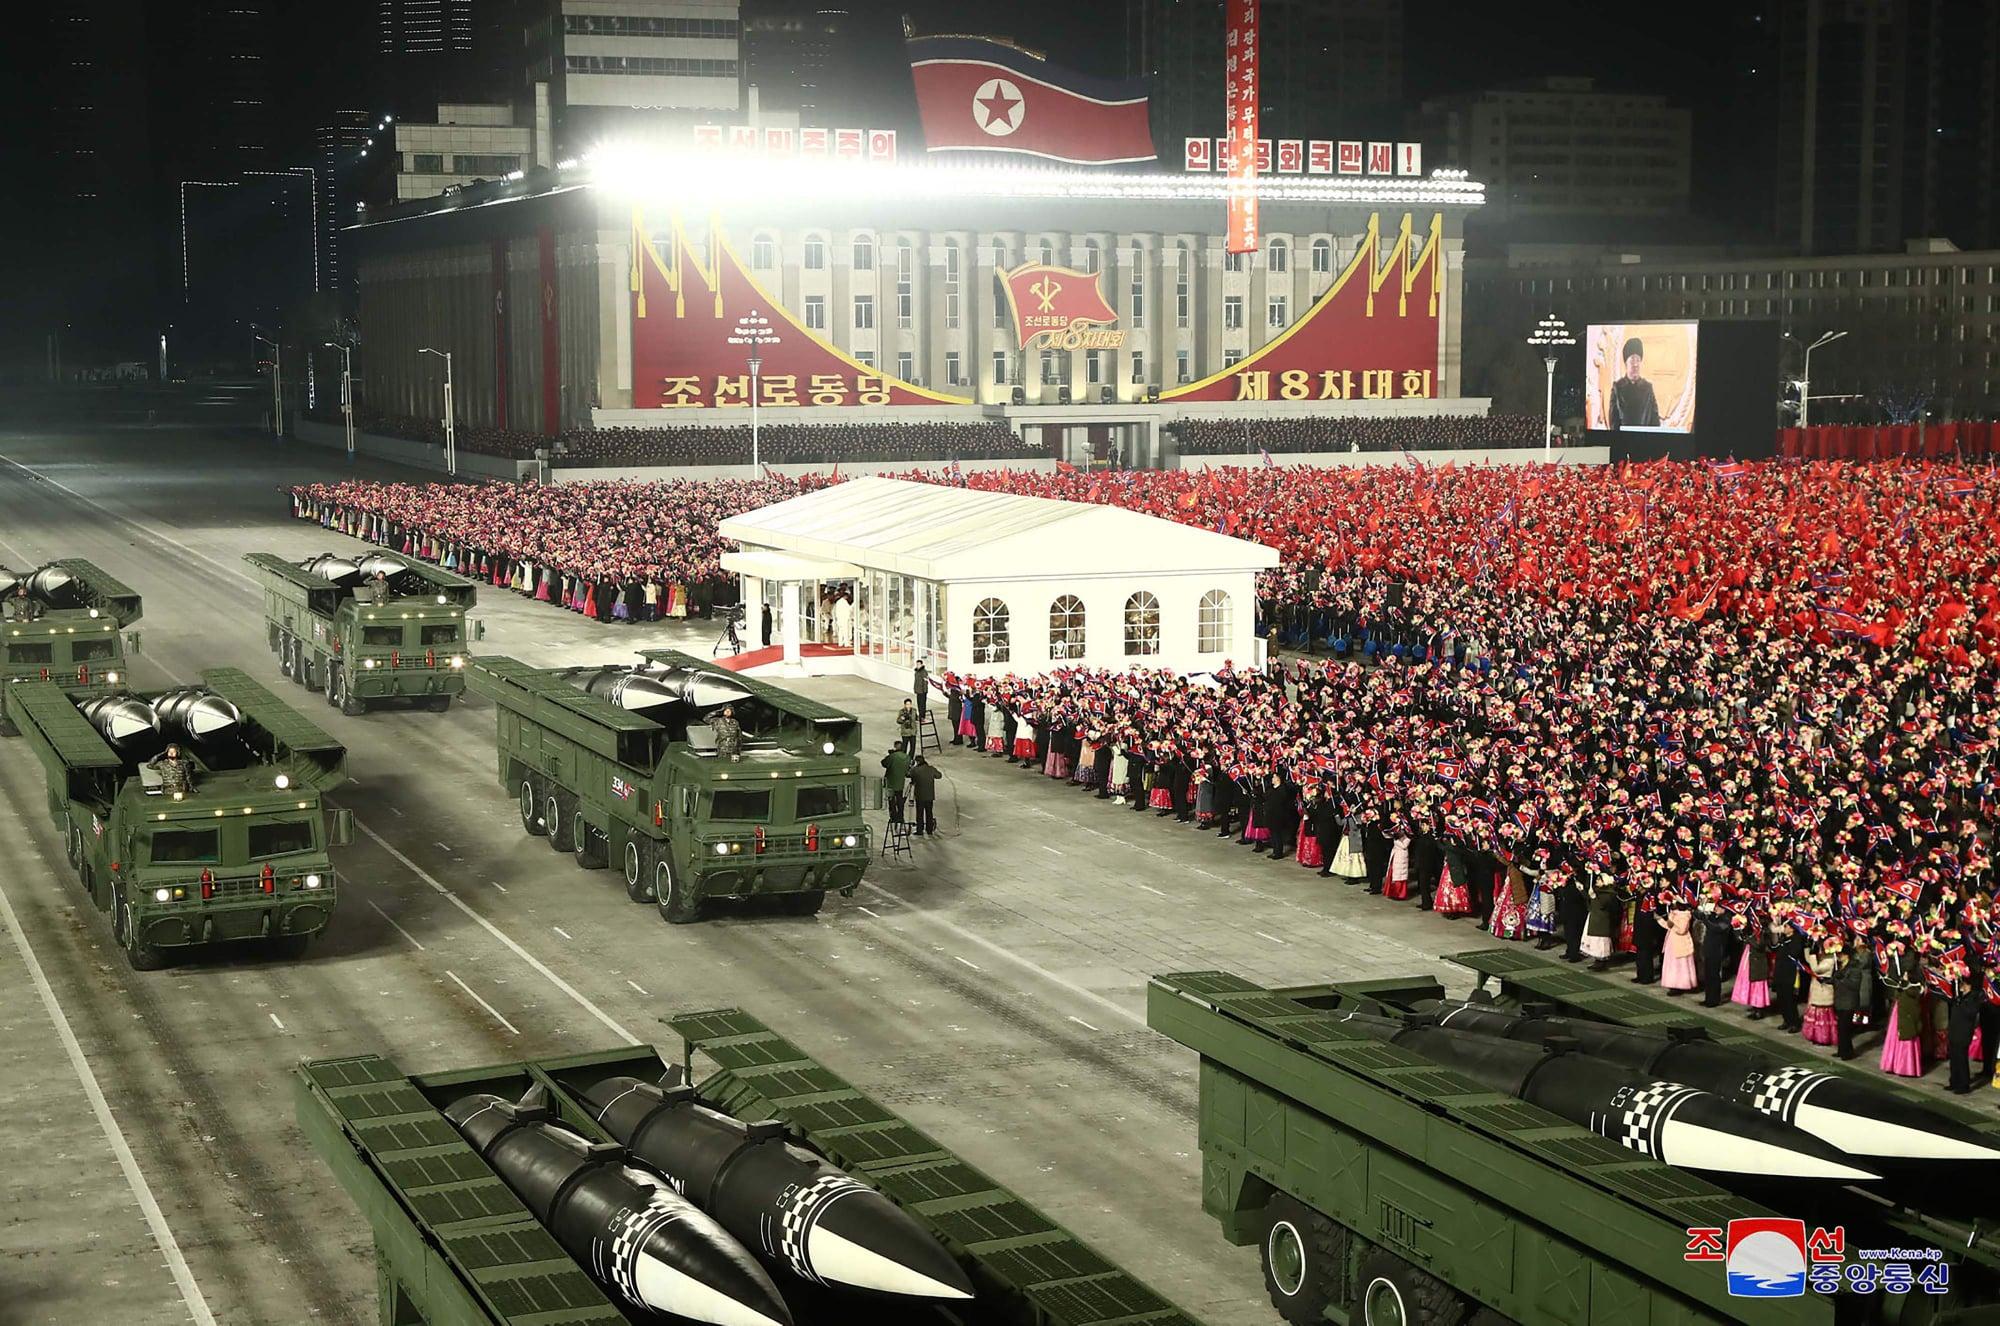 کۆریای باکور موشەکێکی بالستی نوێی نمایشدهكات